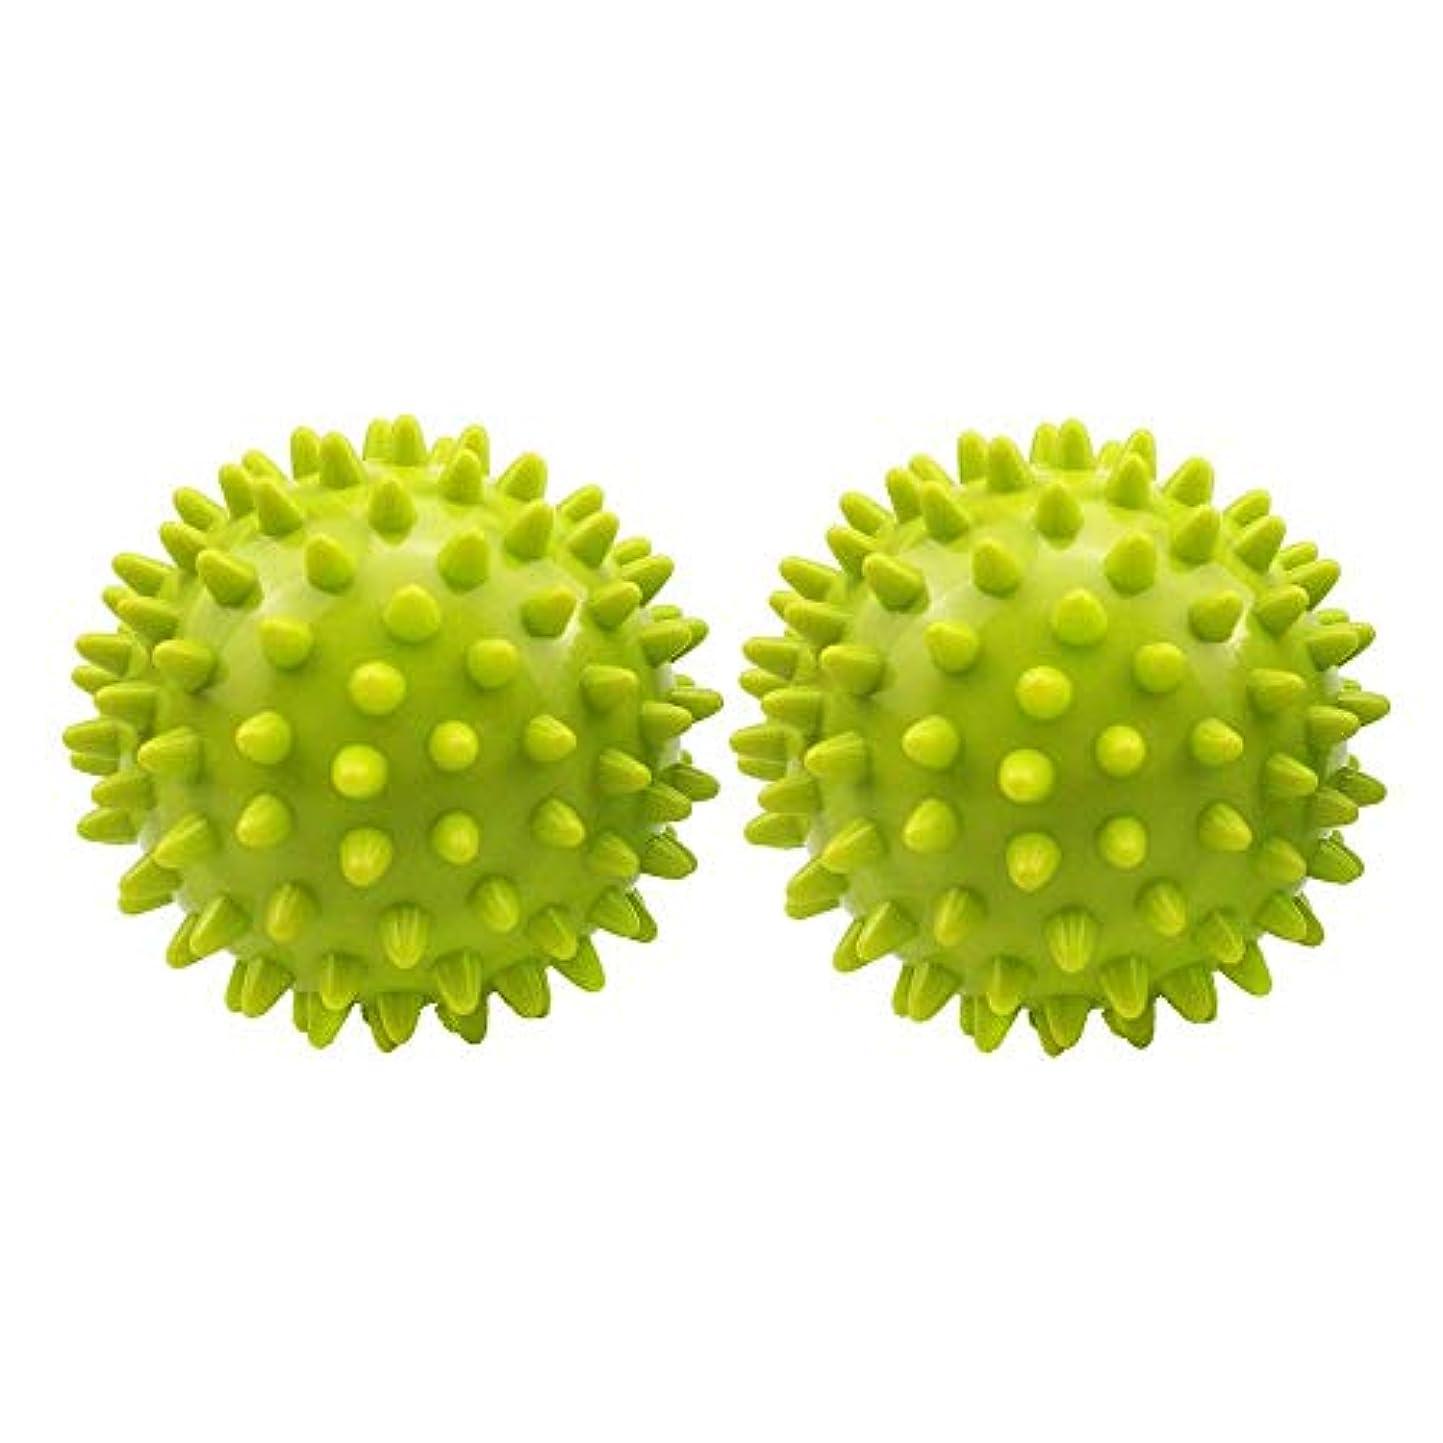 密輸遺伝子個人的なマッサージボール 筋膜リリー 肩 背中 触覚ボール 自宅用 オフィス用 グリーン 2個セット